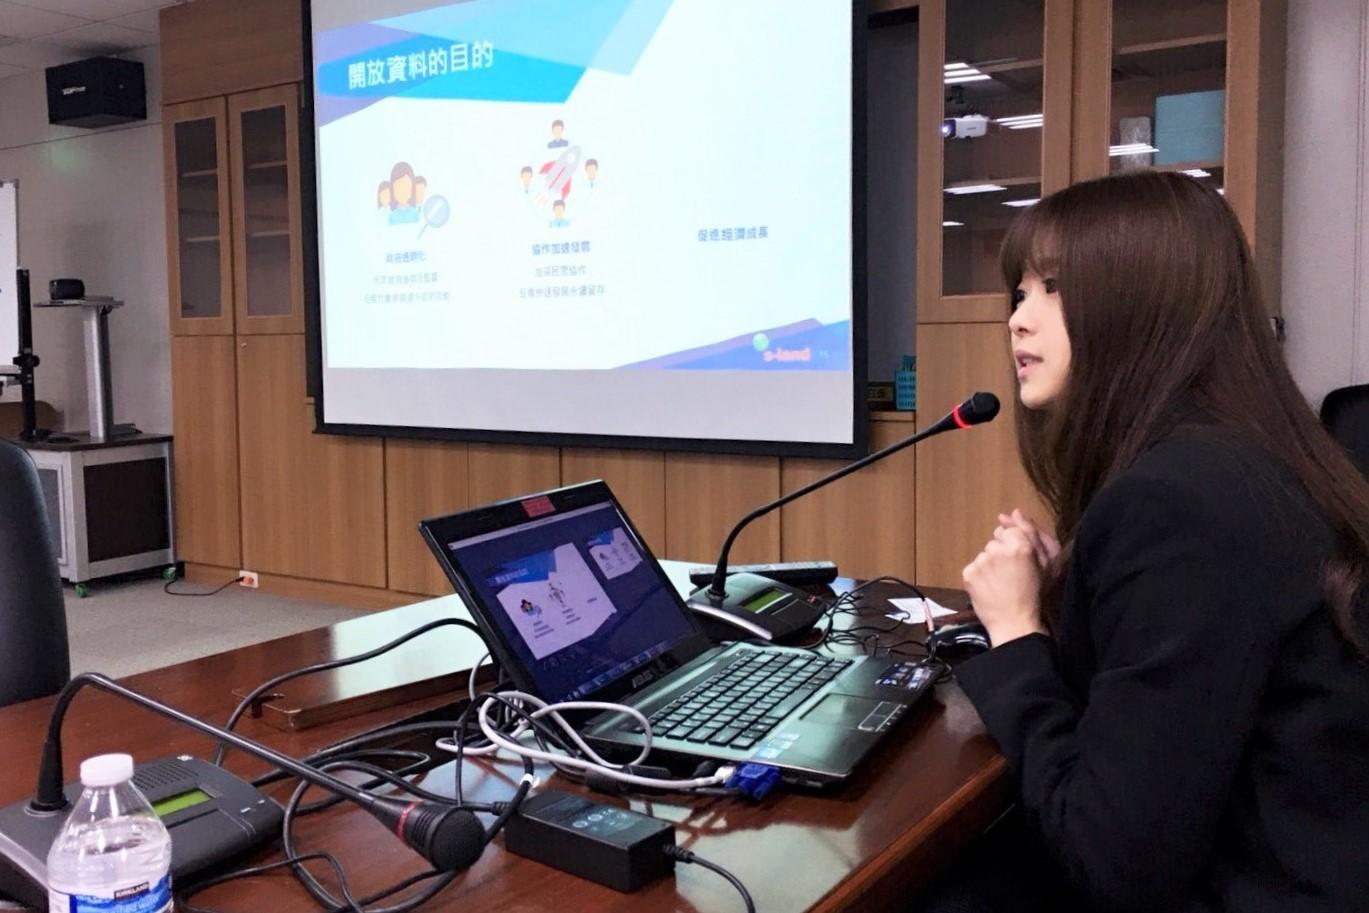 亦思科技受邀於竹科同業公會演講「Open Data 加值」講座